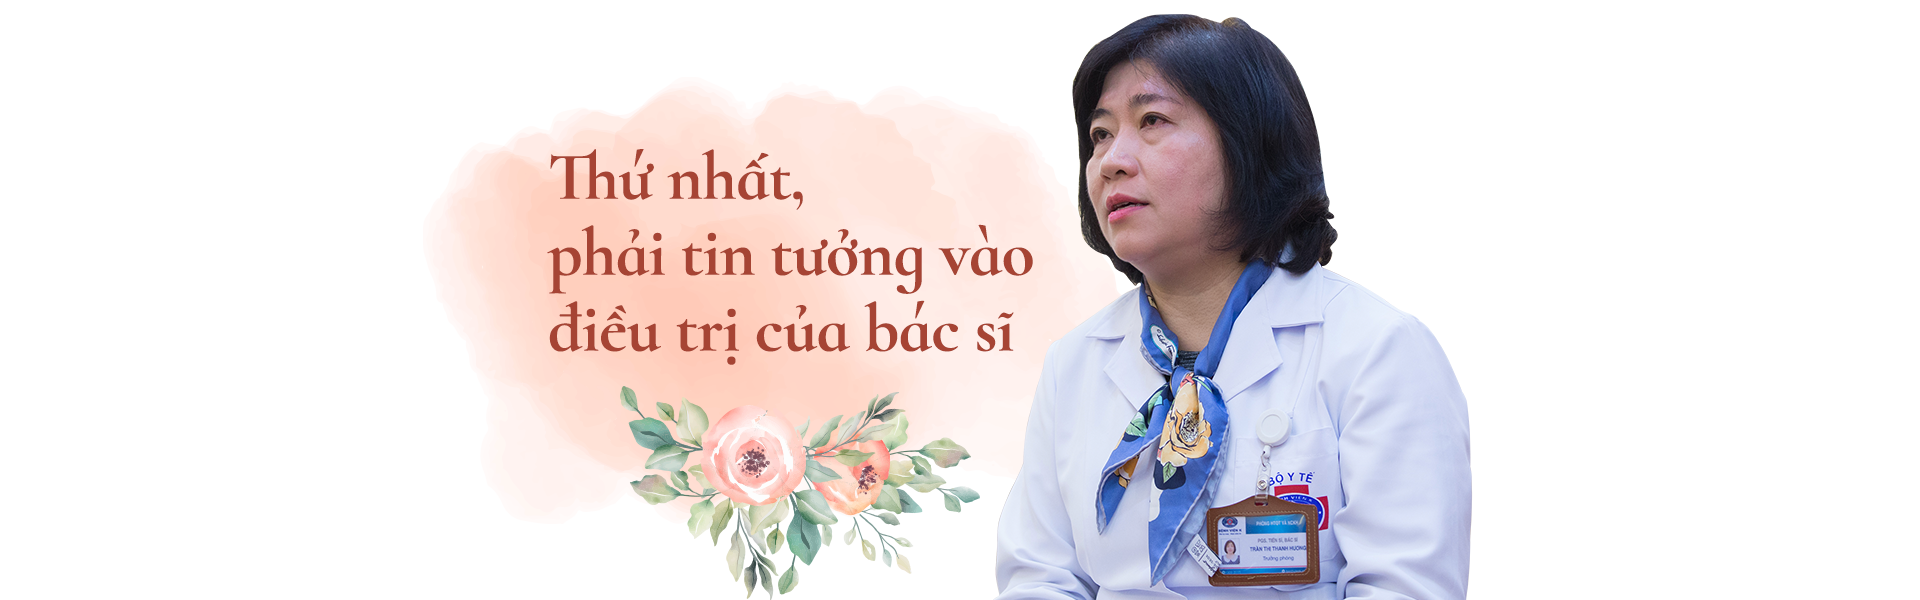 PGS Trần Thanh Hương - Người mang niềm vui tới hàng vạn bệnh nhân ung thư - 16